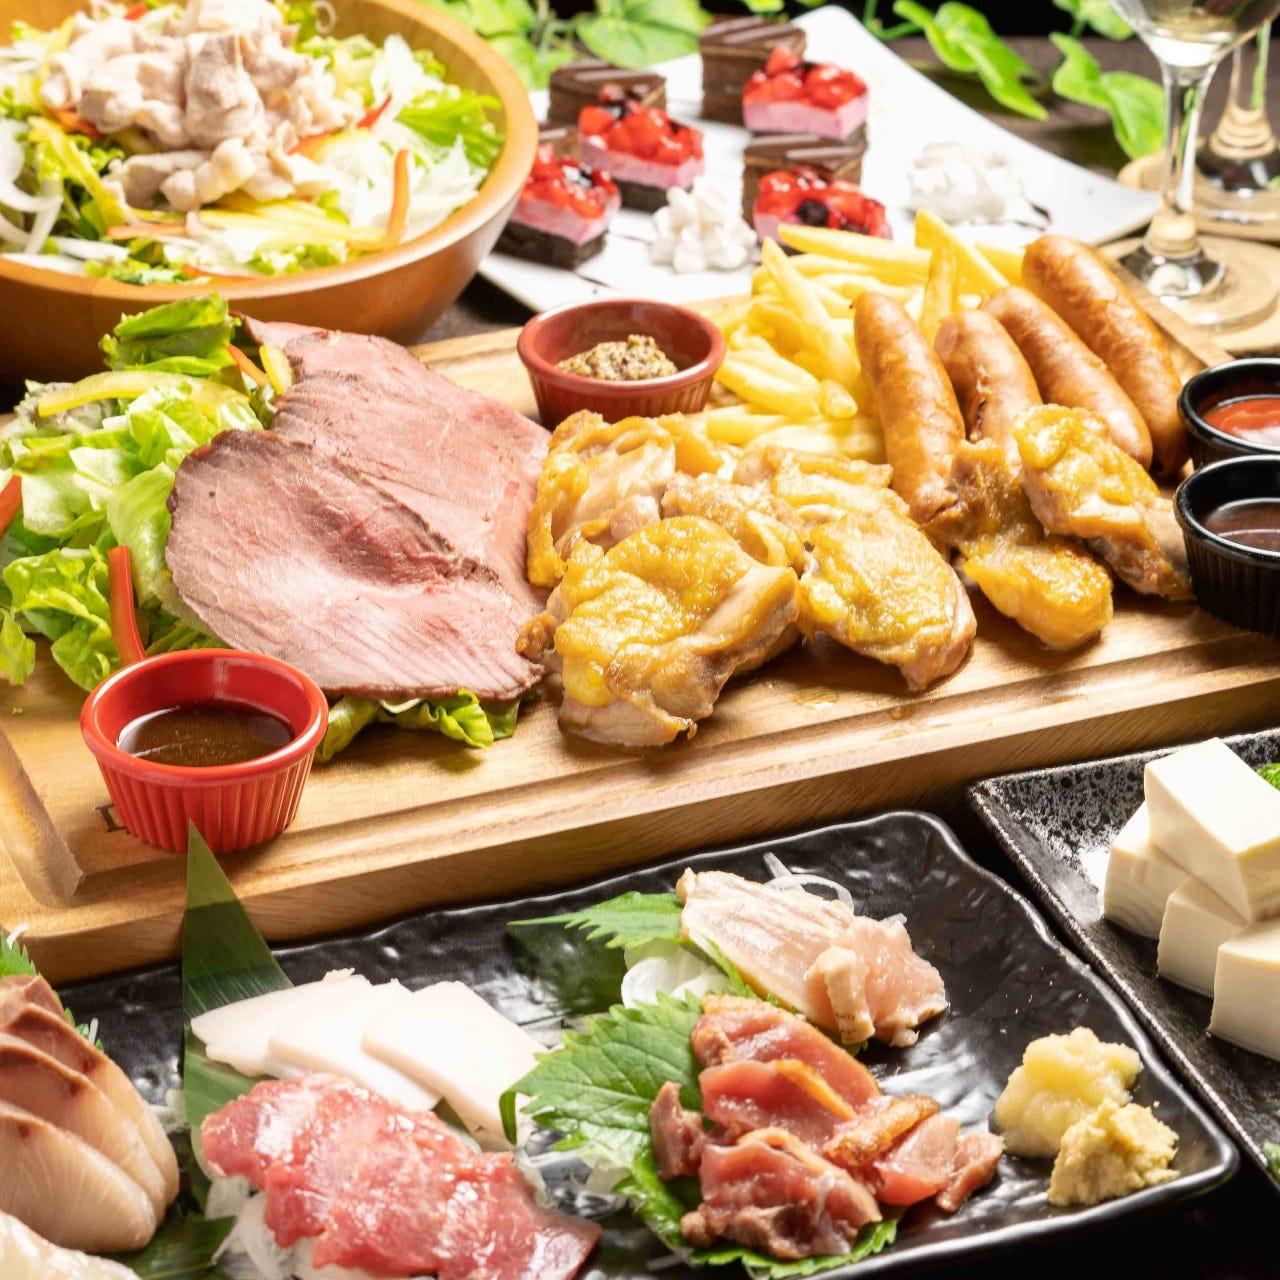 【蓮堪能】3時間飲み放題付!豪華選べるメインと九州料理味わい尽くしコース